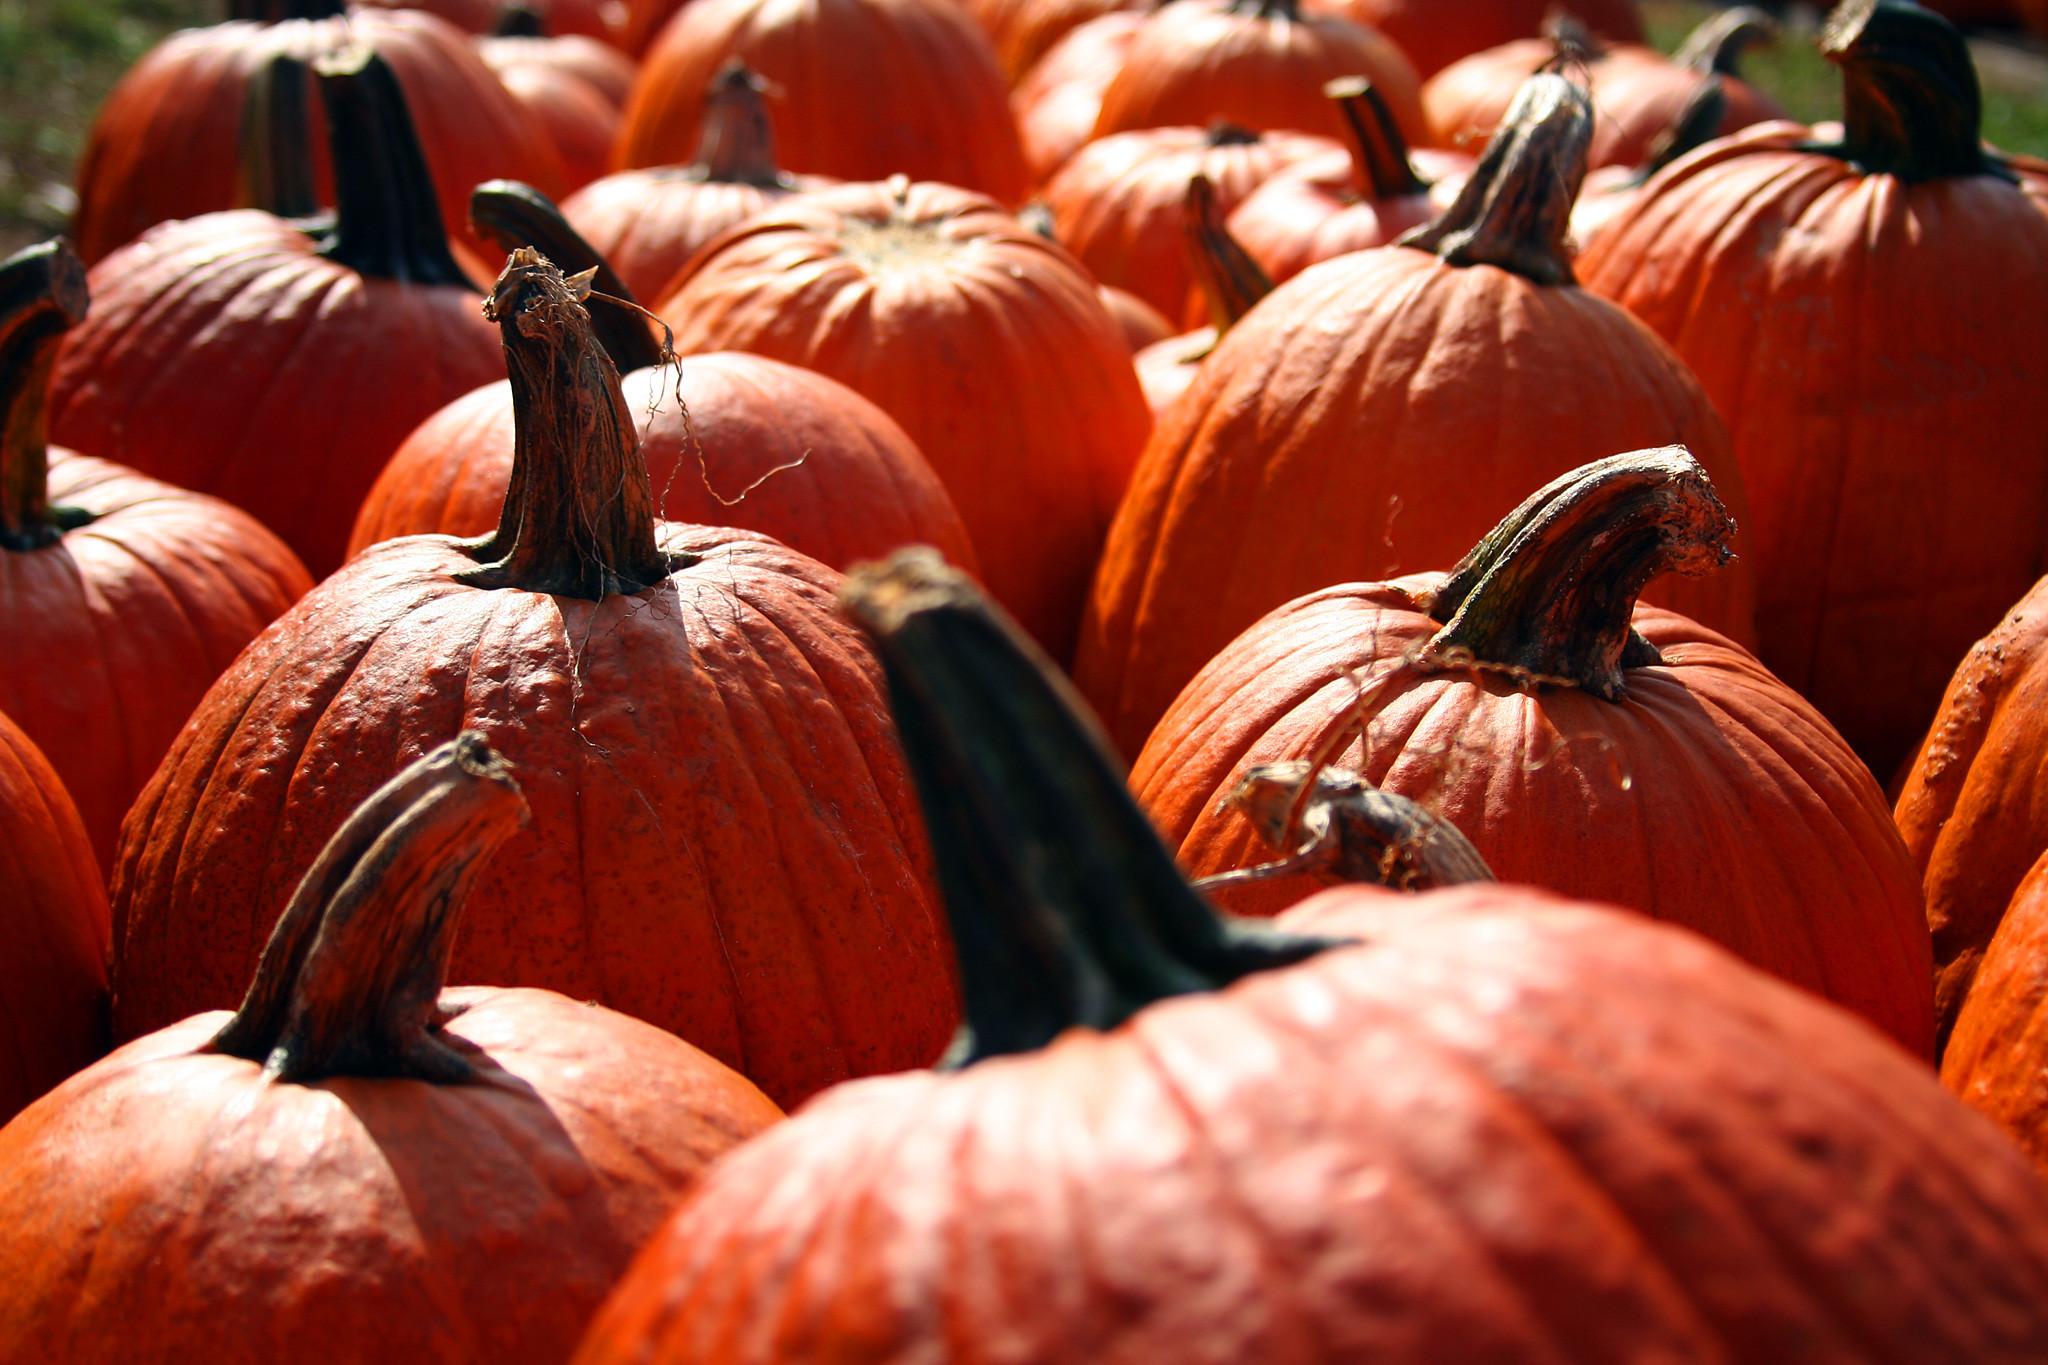 Fall Pumpkin Background Wallpaper Fall Pumpkin Wallpaper Pumpkin